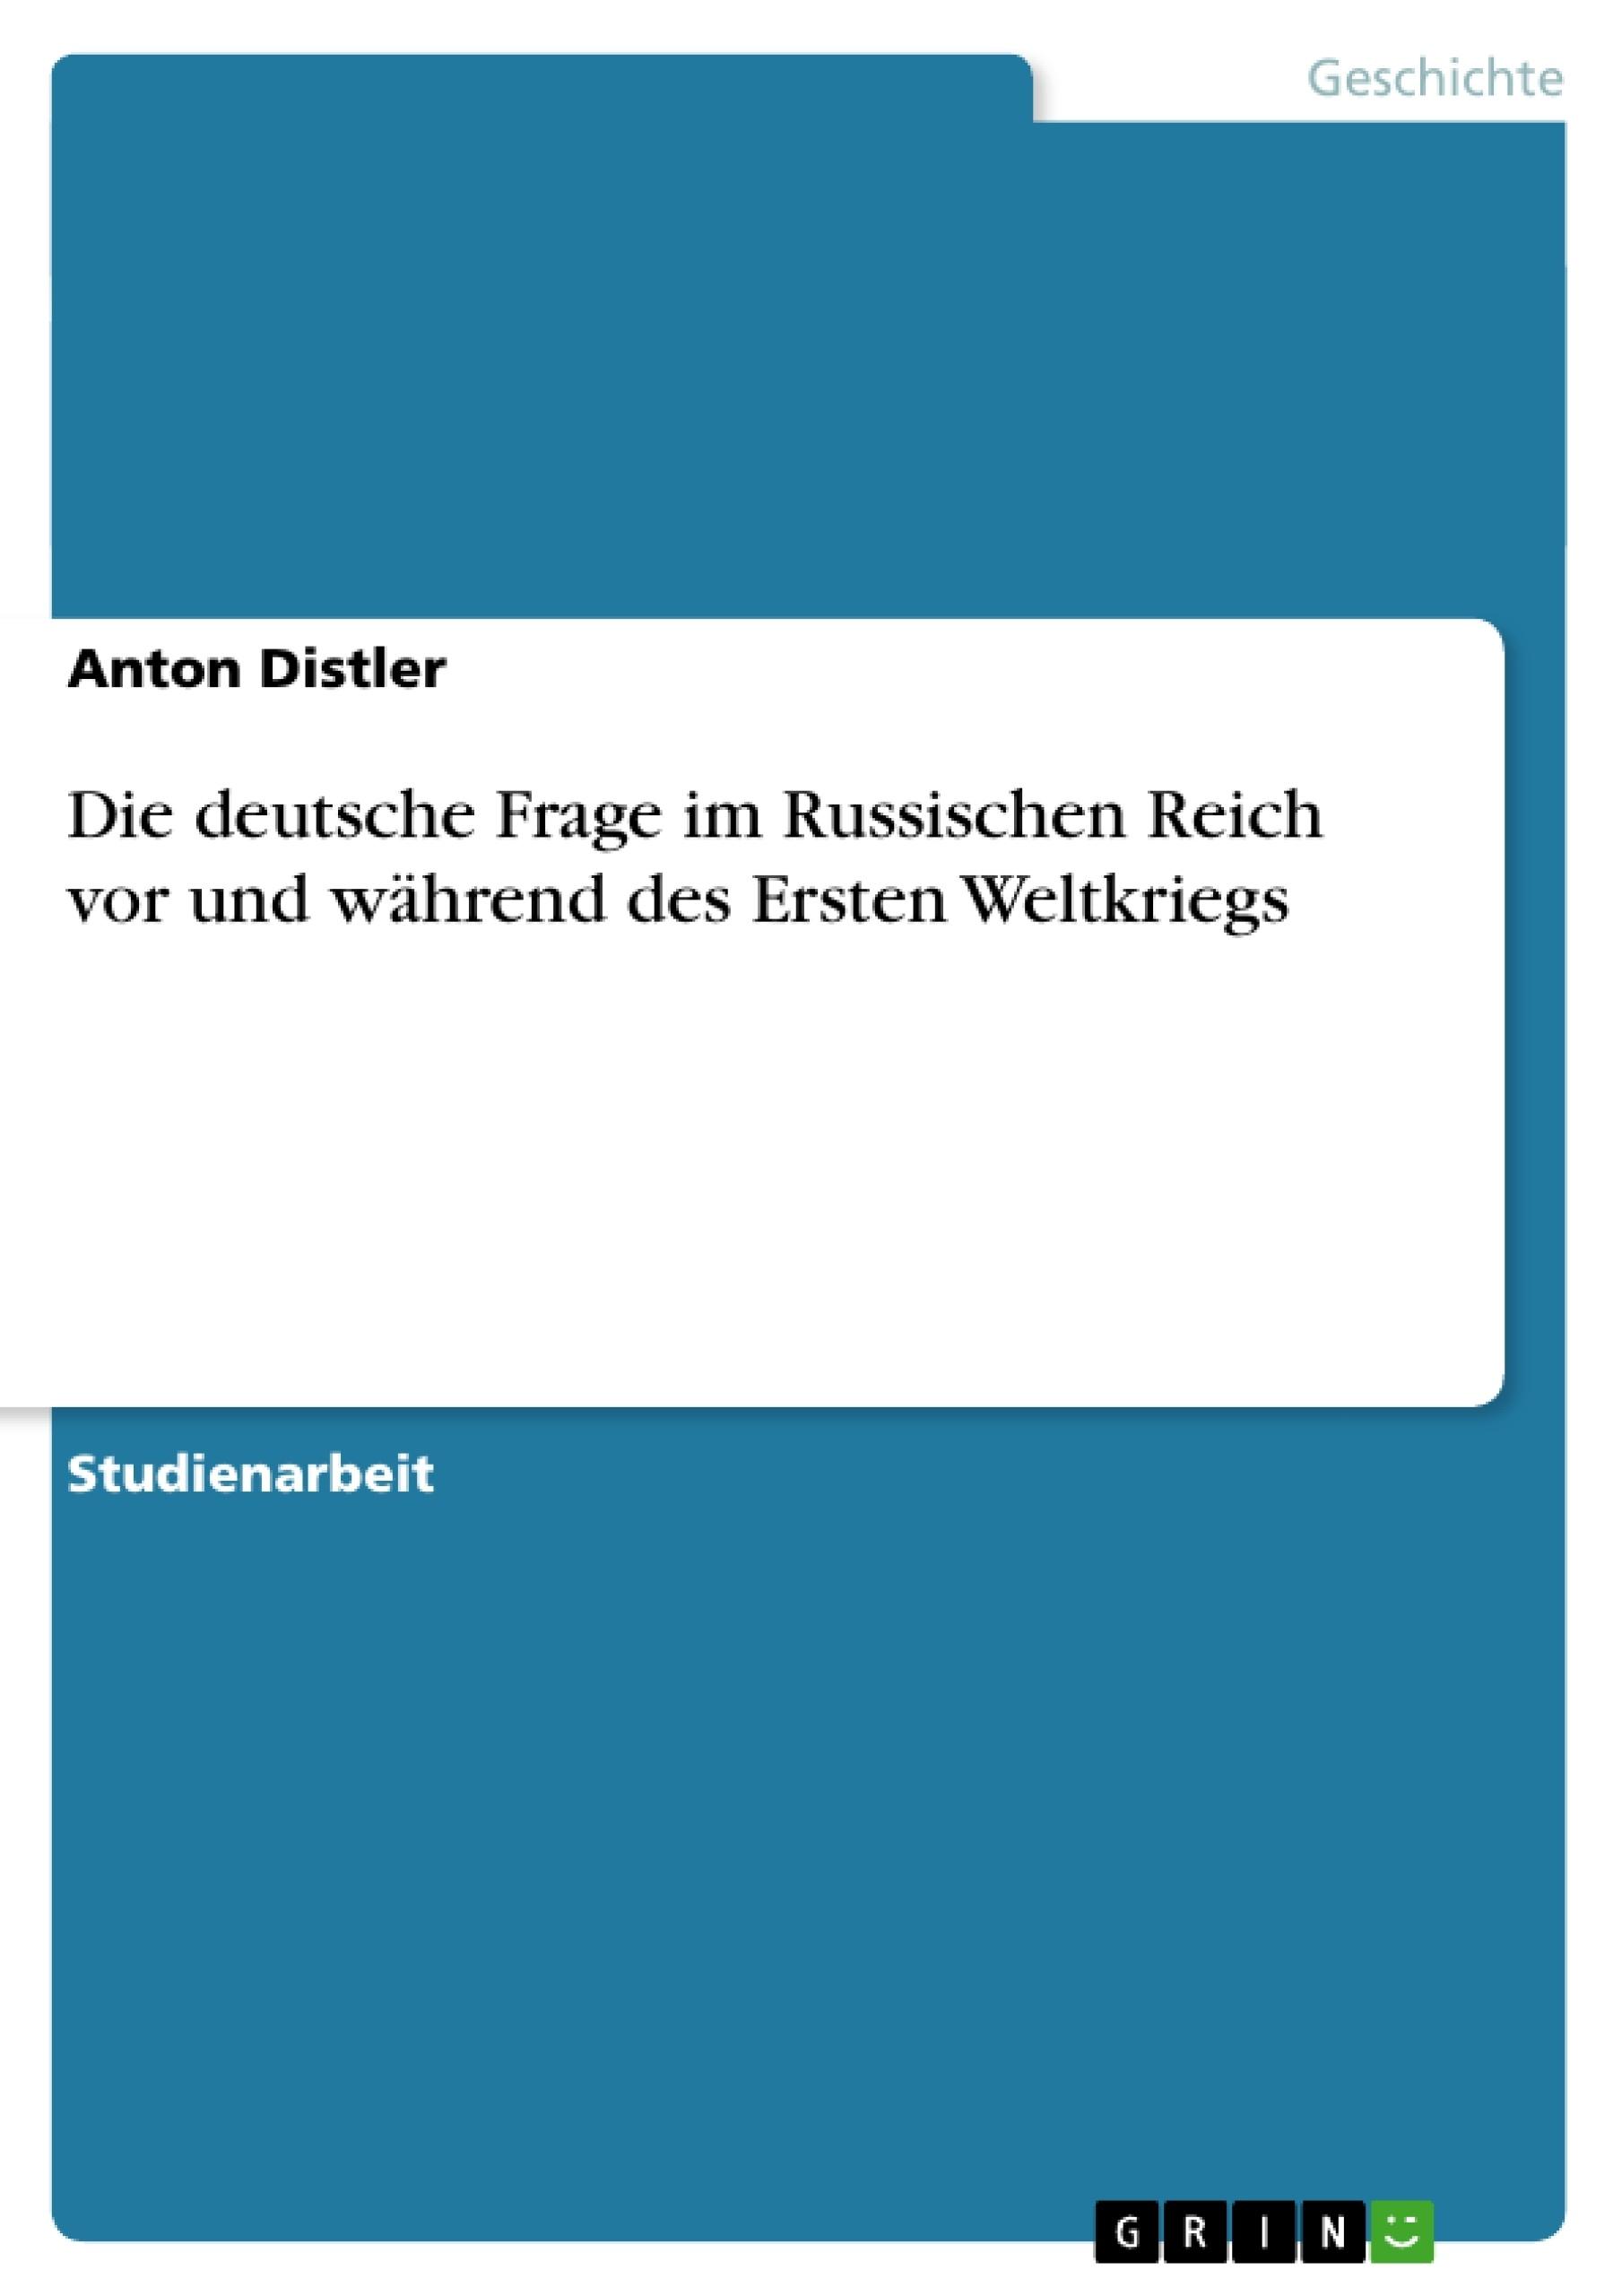 Titel: Die deutsche Frage im Russischen Reich vor und während des Ersten Weltkriegs